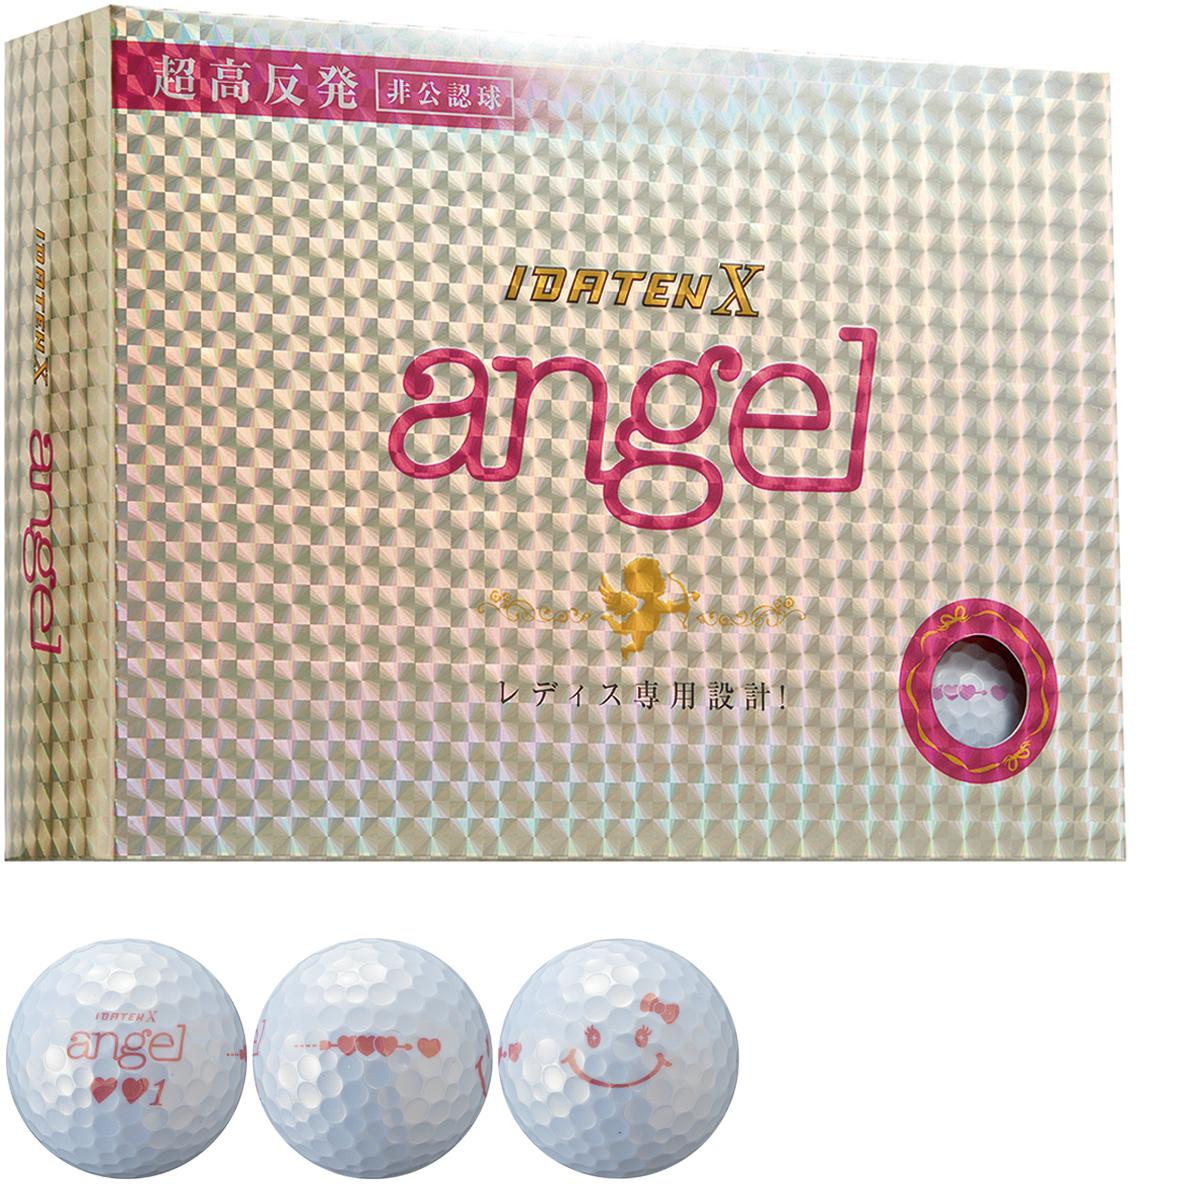 X angel ボール【非公認球】レディス